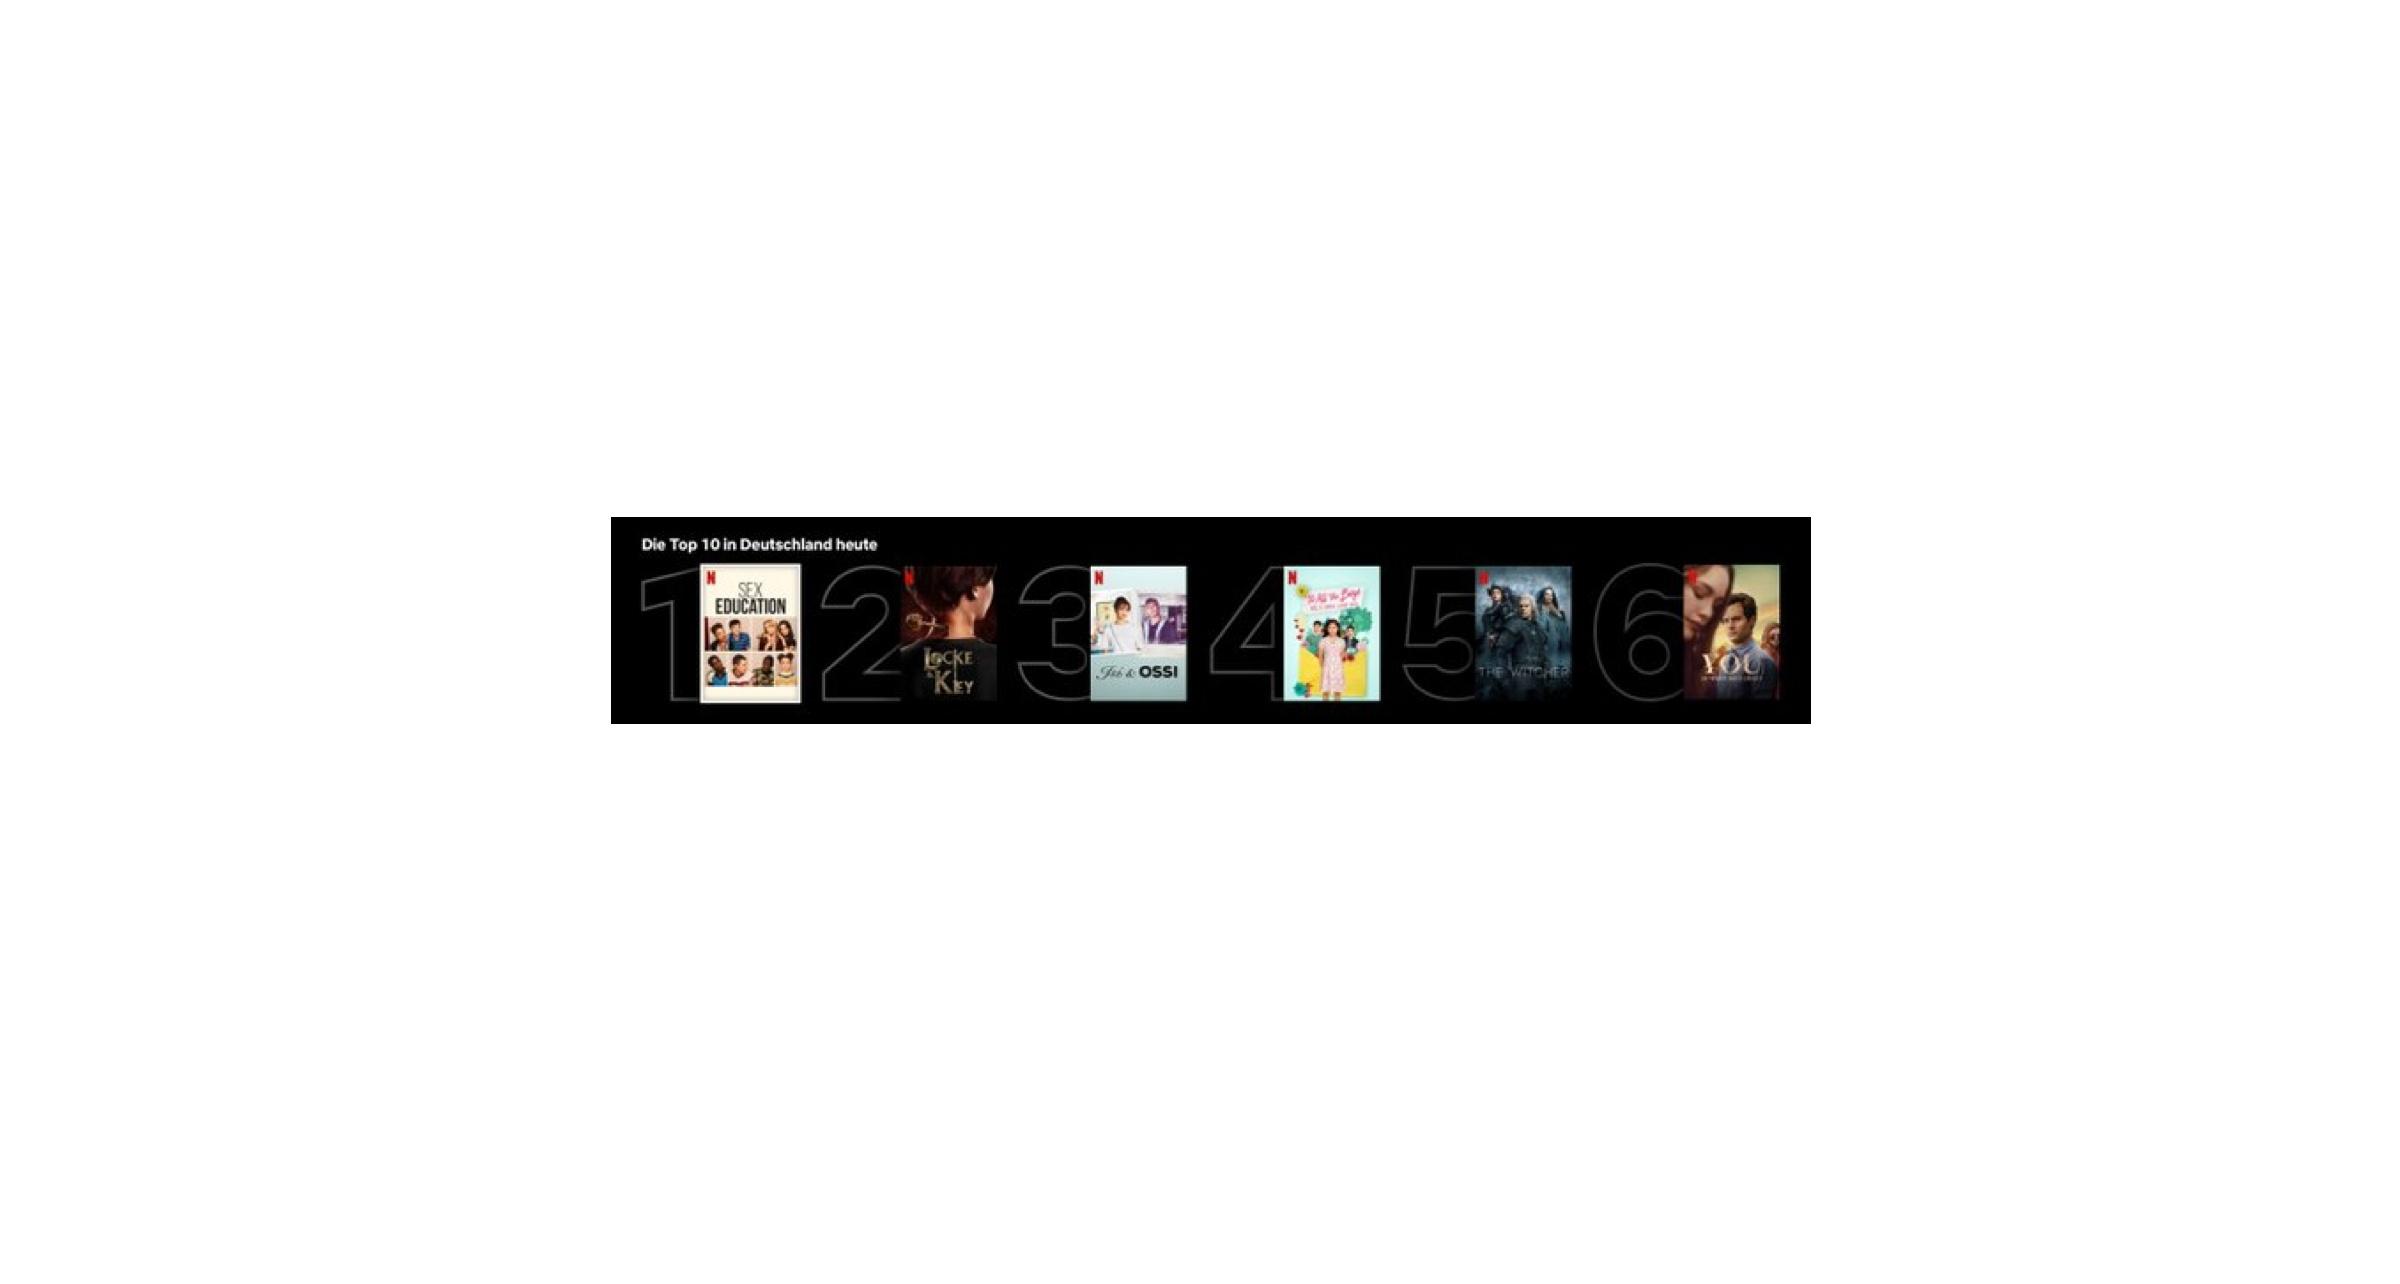 Netflix Top-10-Listen für alle Länder